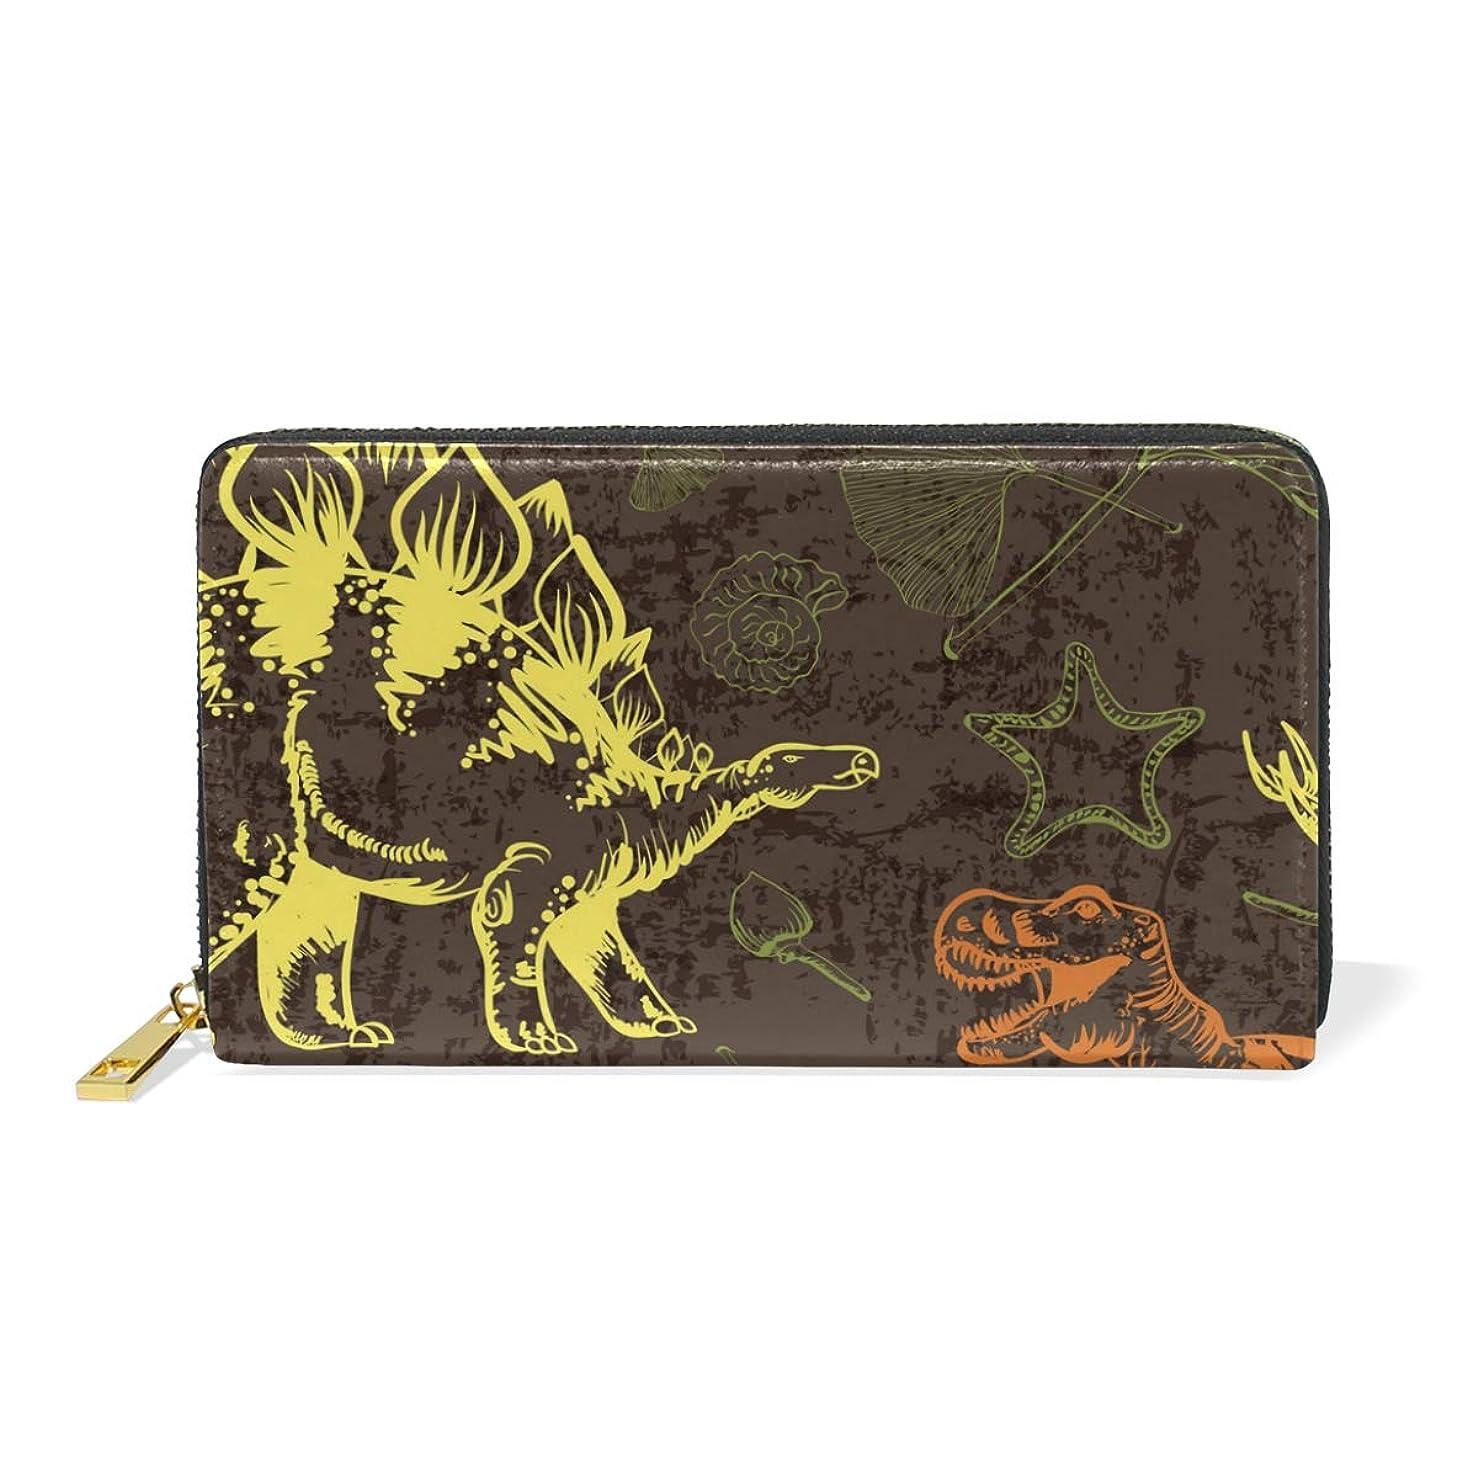 怖い拍手かき混ぜるマキク(MAKIKU) 長財布 レディース 大容量 恐竜柄 レザー 革 プレゼント対応